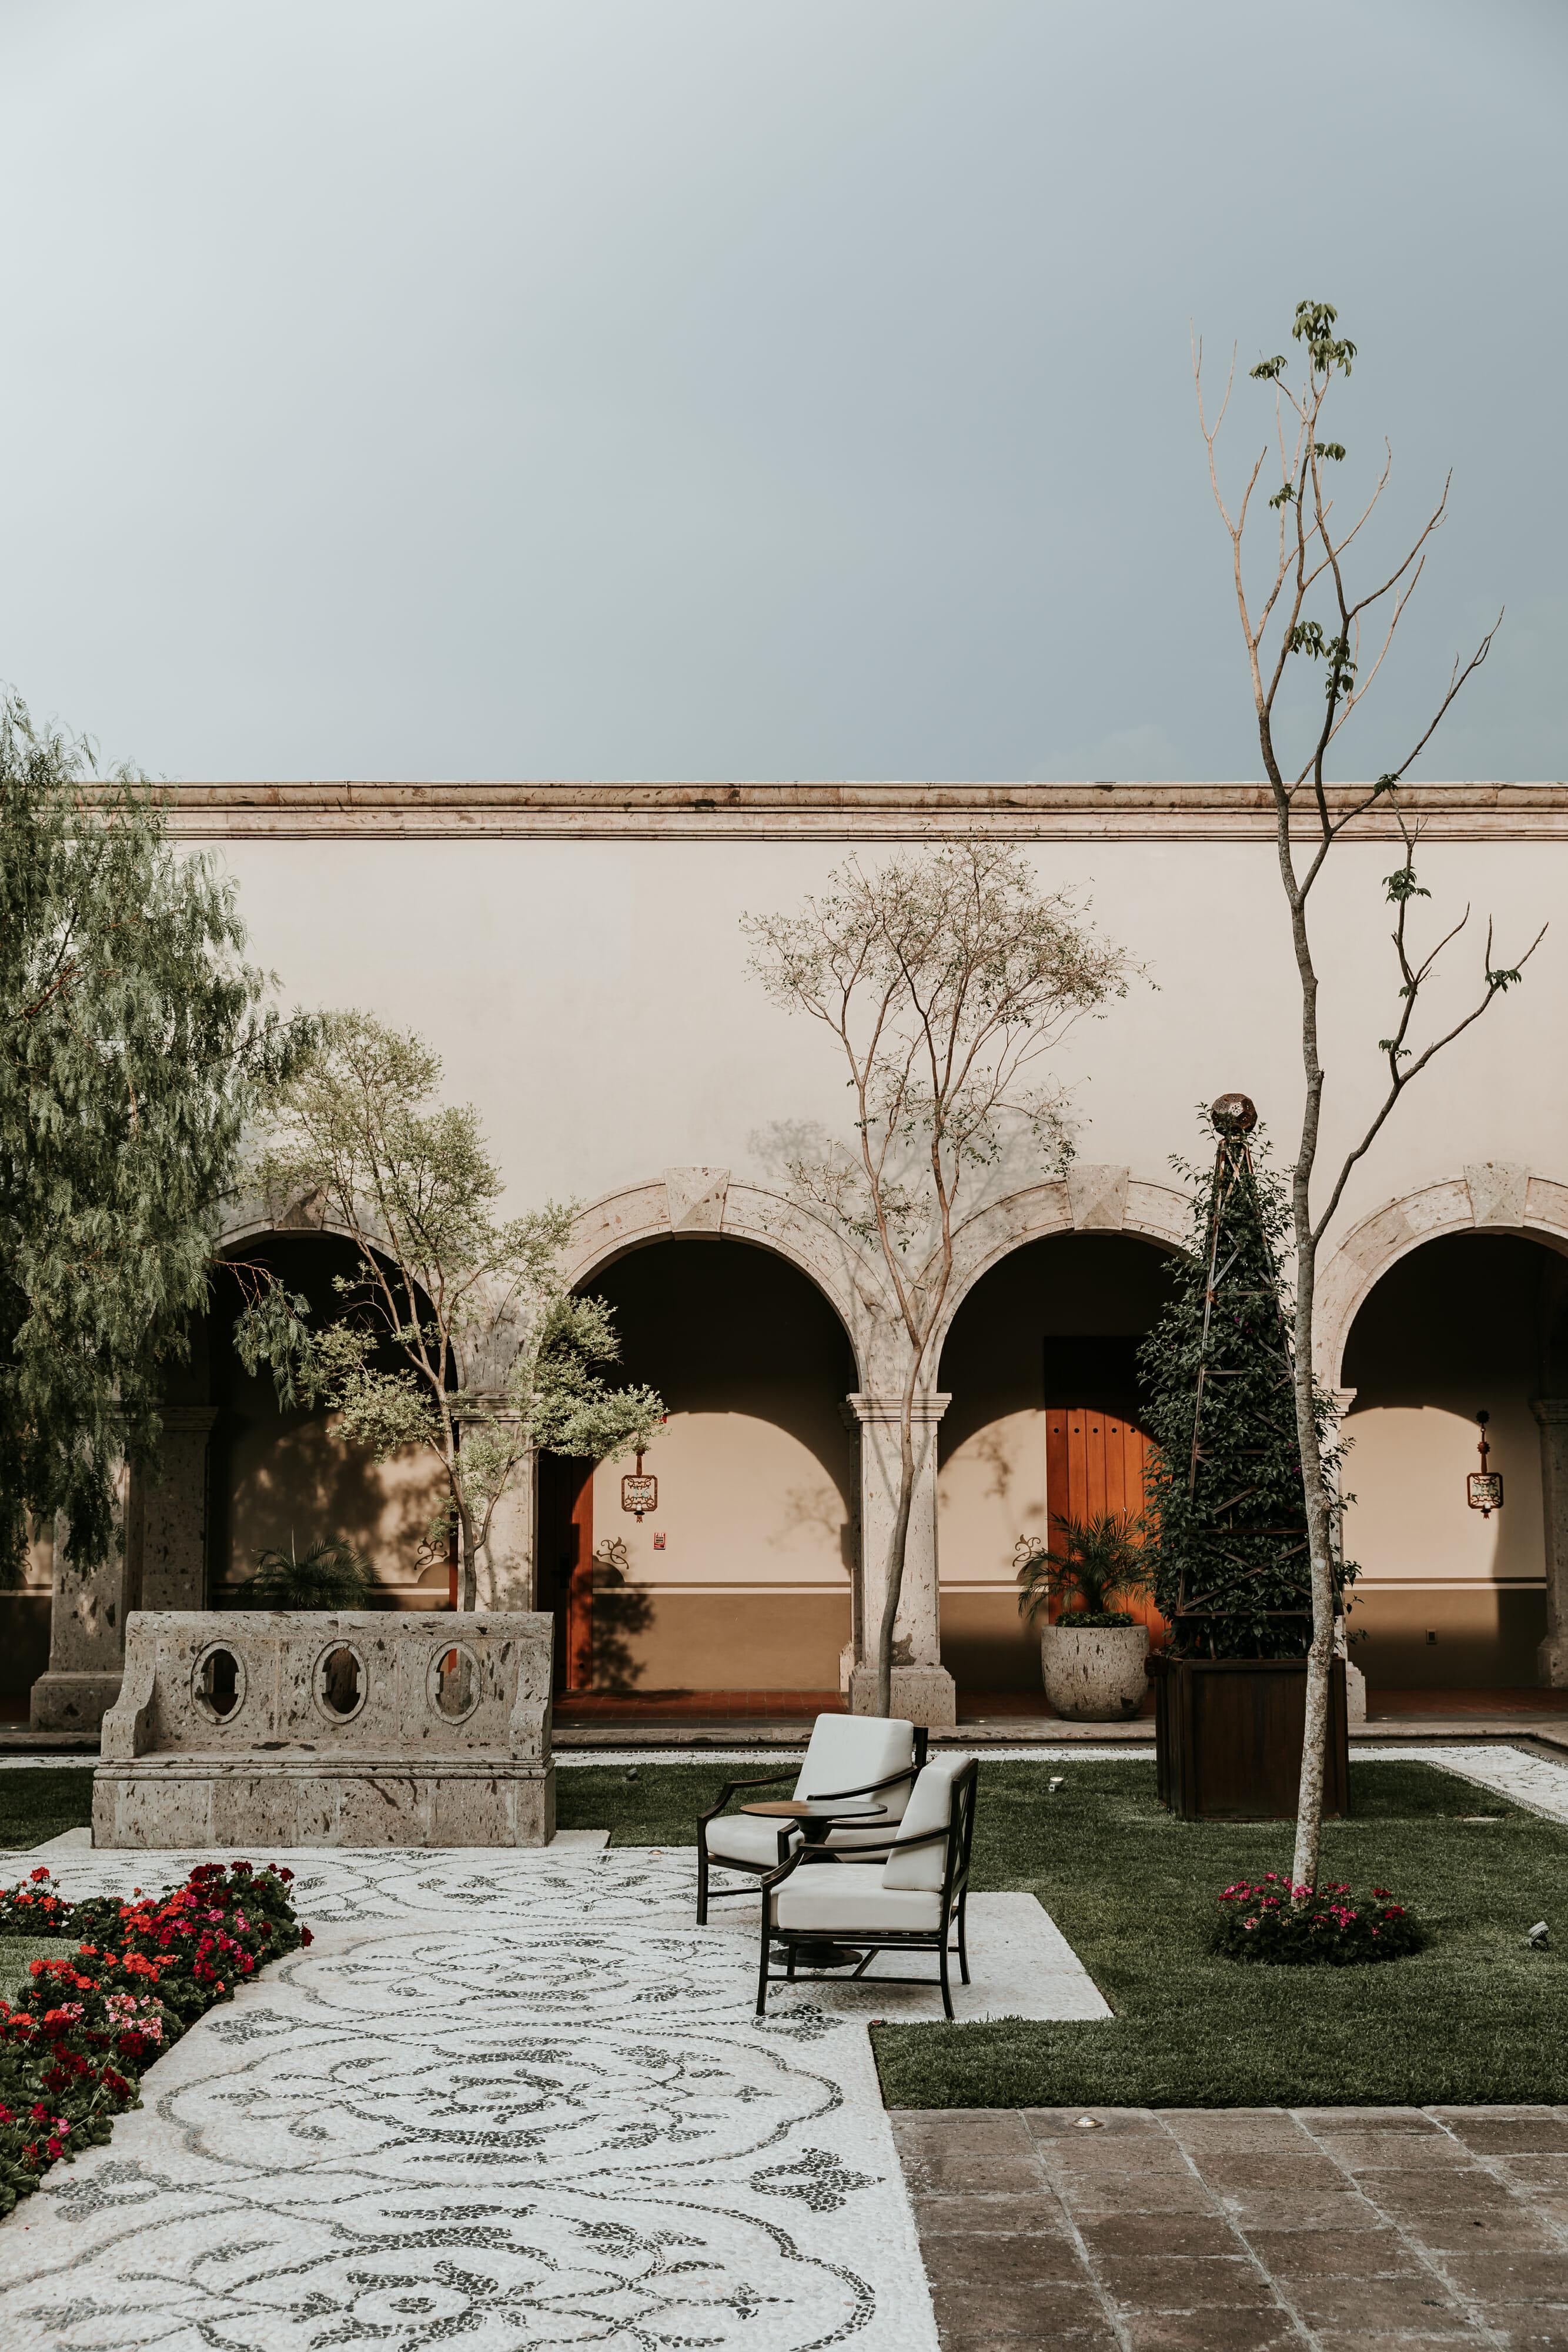 Patrón's La Casona Guest House